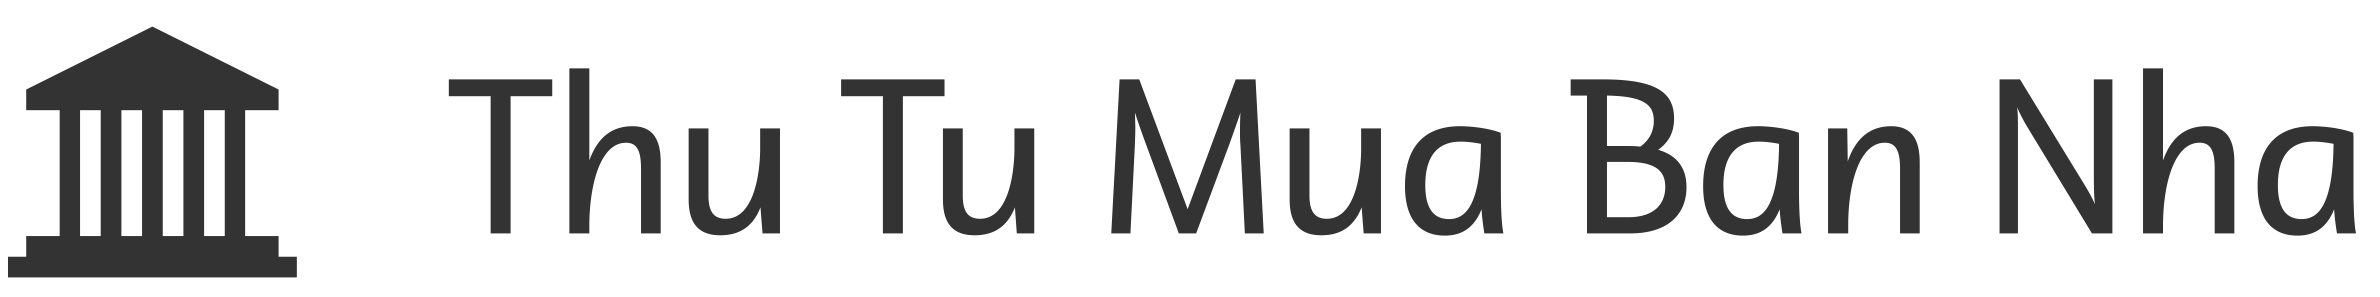 Thutucmuabannha – Xem ngay tại đây tin mới nhất về bất động sản